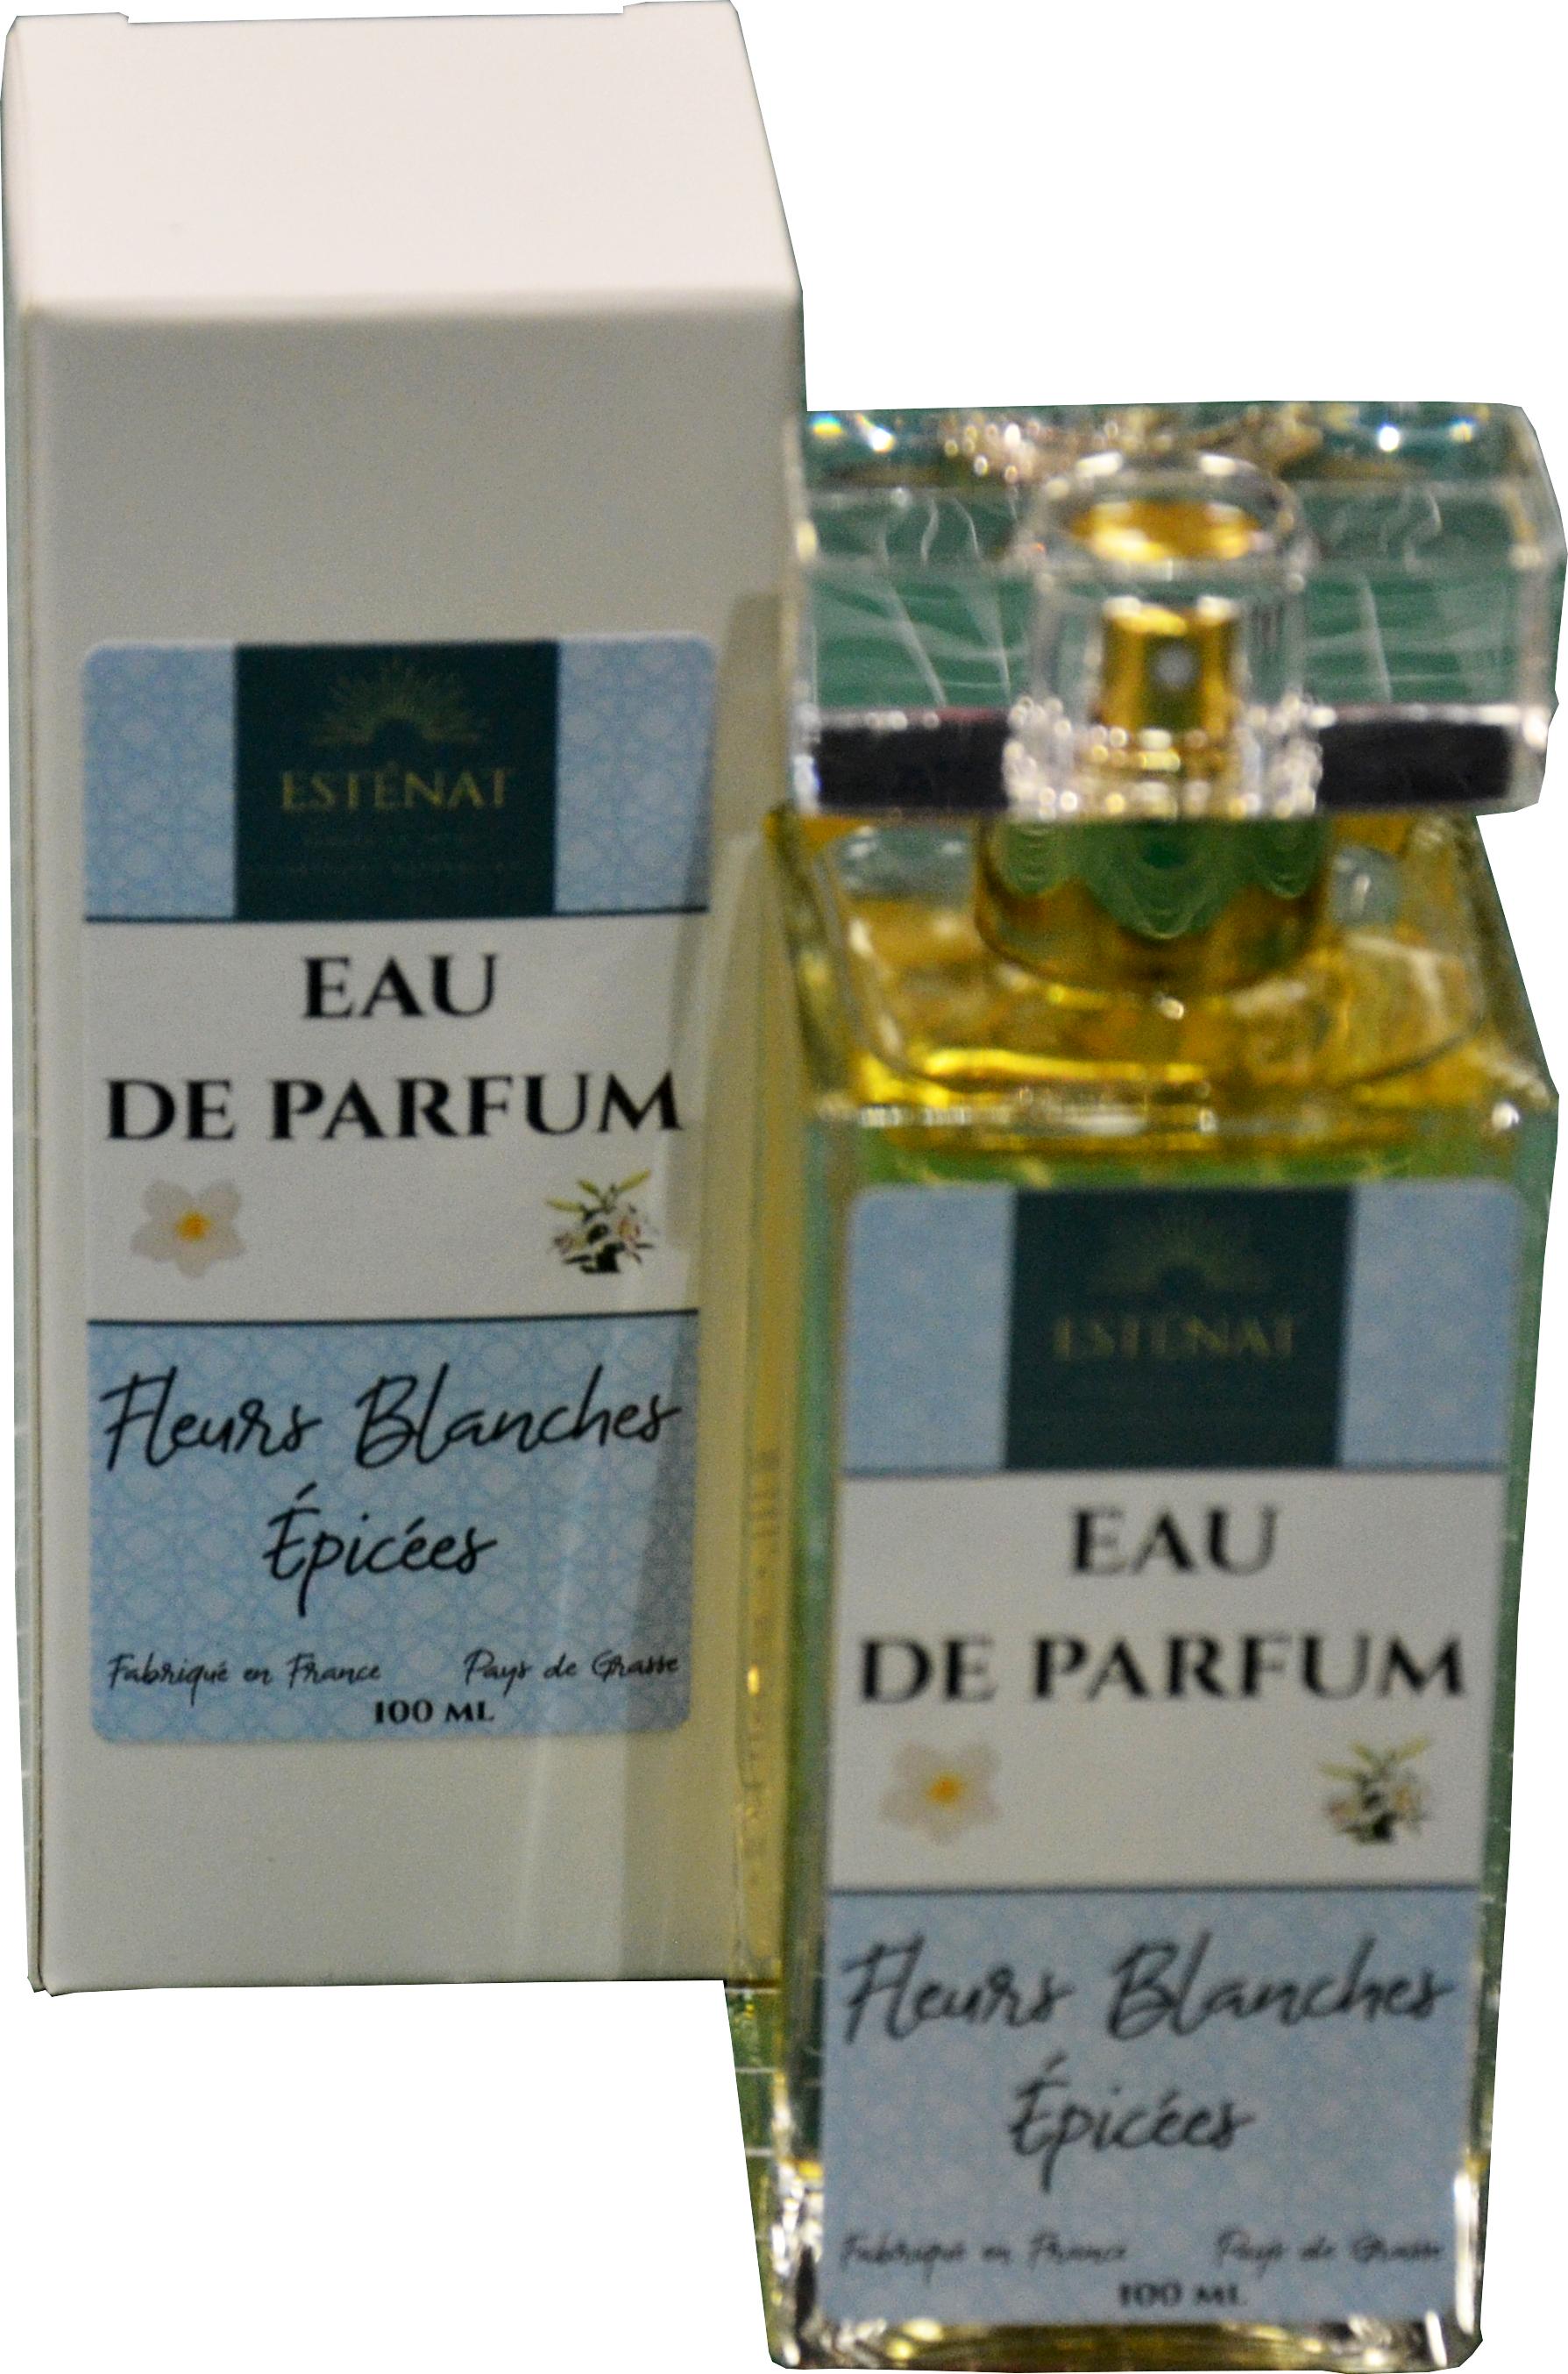 Eau de parfum fleurs blanches épicées